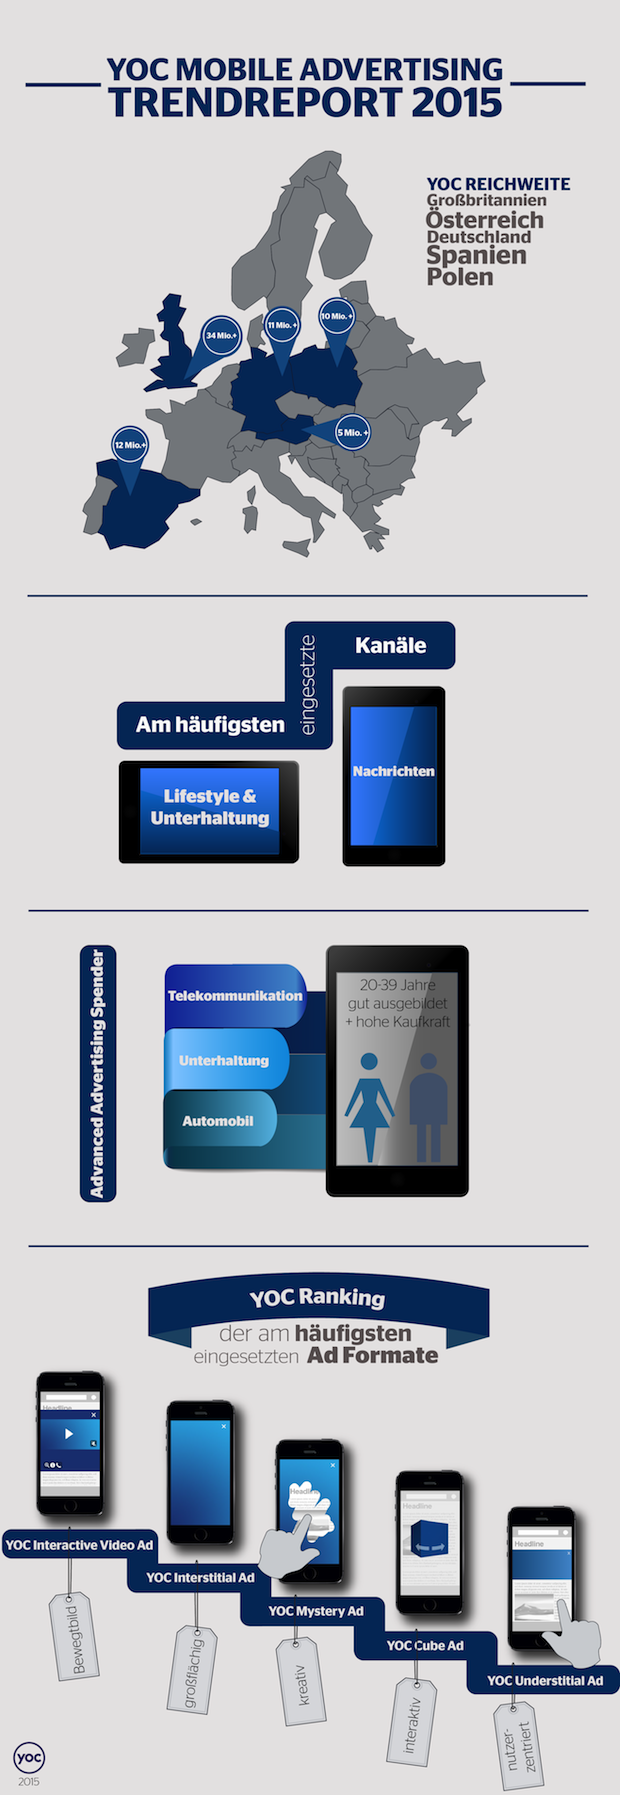 Bild von YOC zeigt Trends von Werbetreibenden im Mobile Advertising